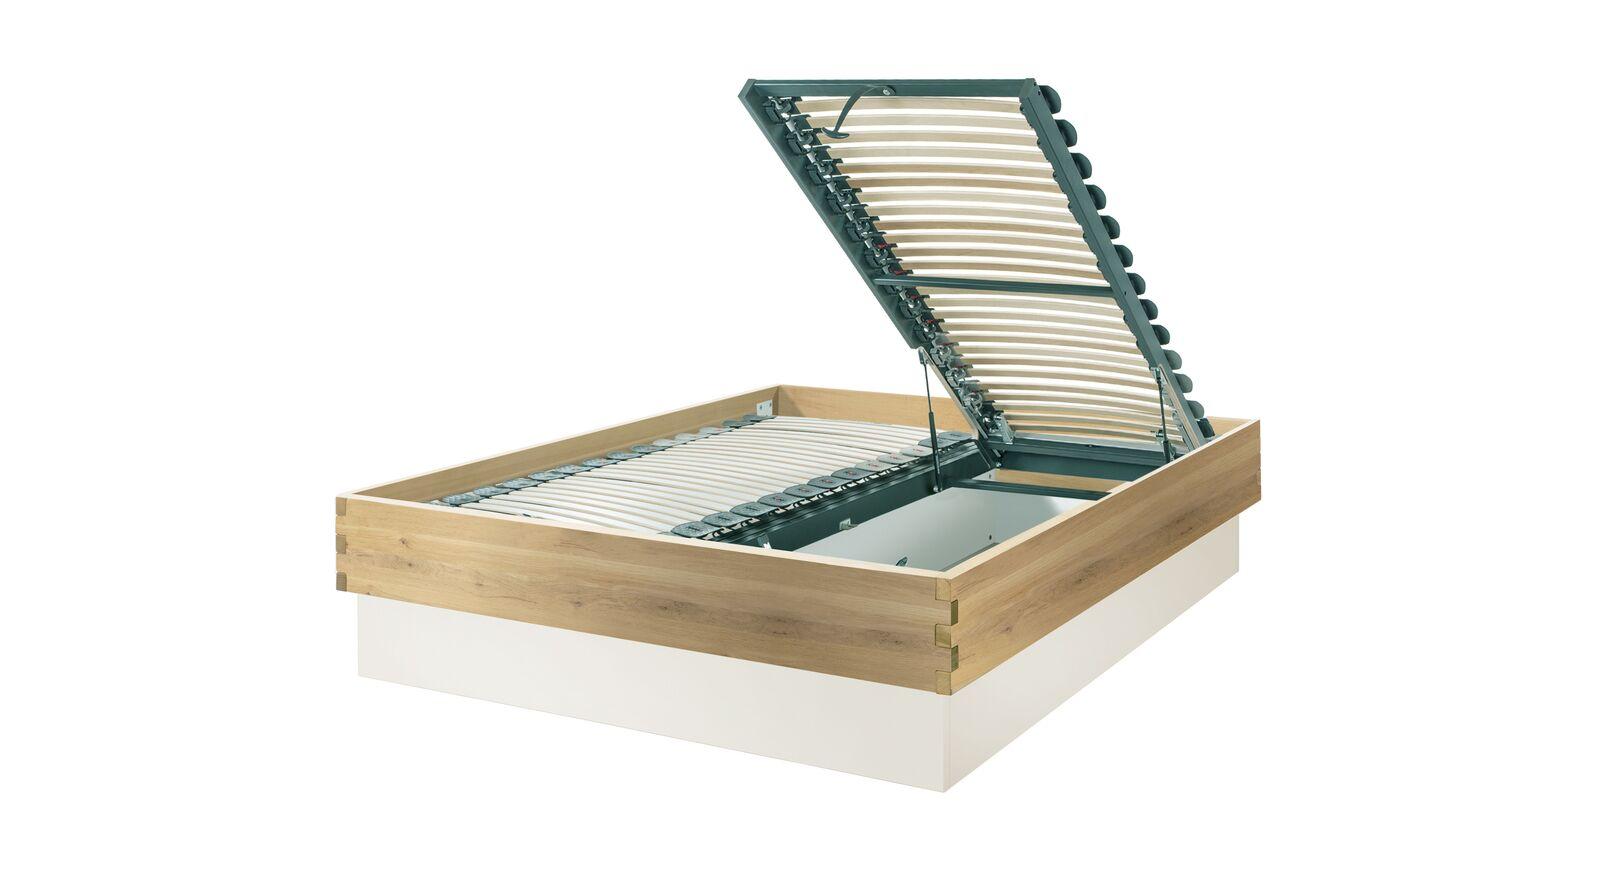 Bett Larus aus Massivholz mit Lastenrost-Öffnung am Fußende